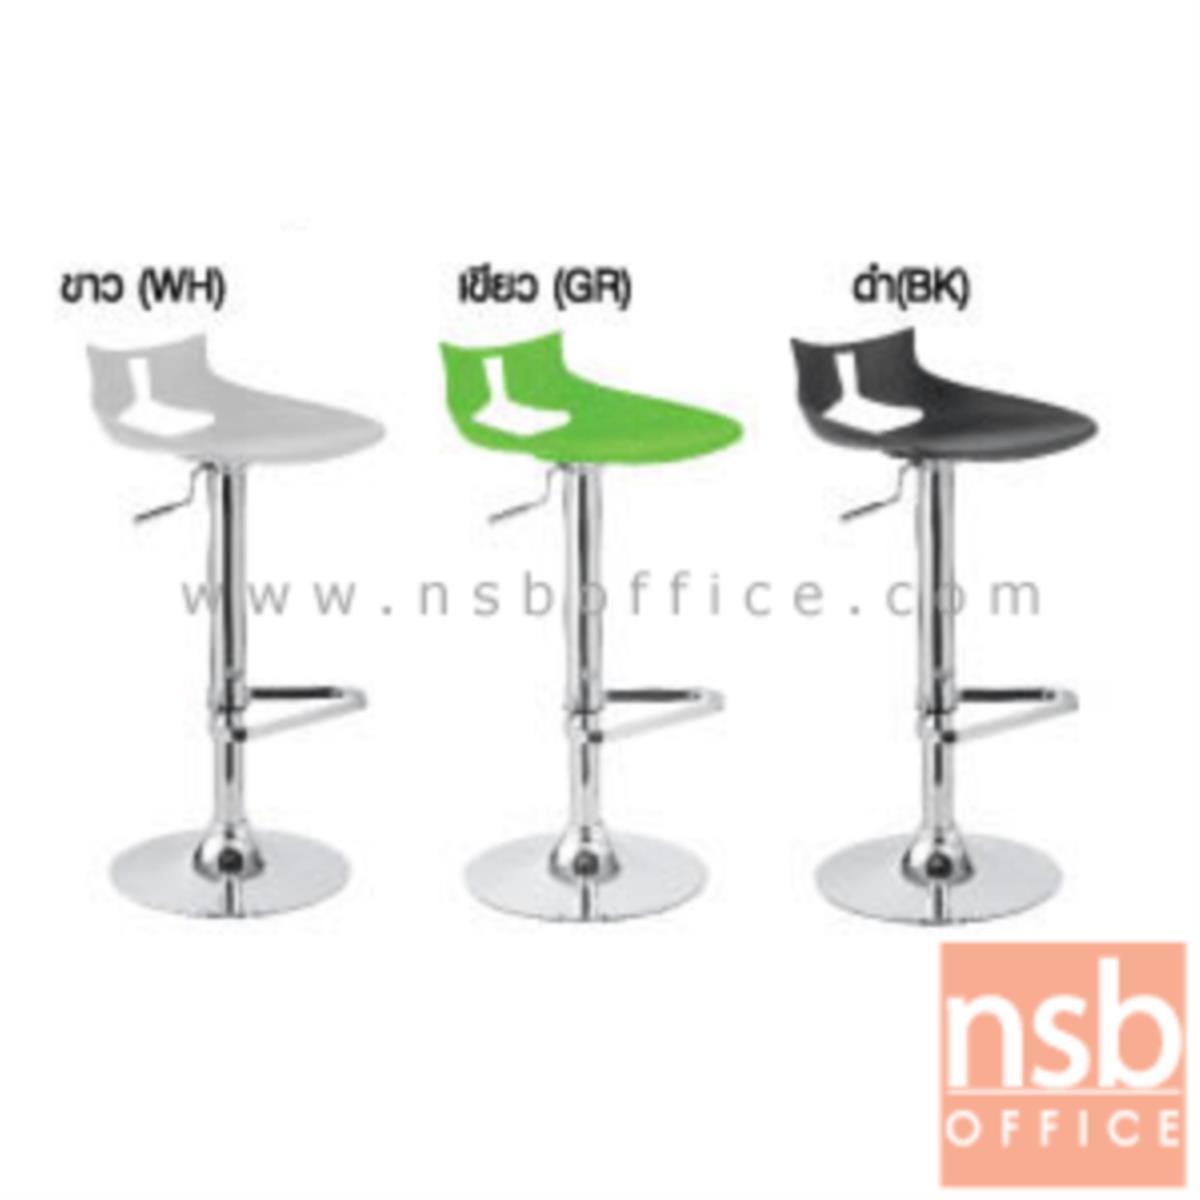 เก้าอี้บาร์สูงพลาสติก(PP) รุ่น Casos (คาซอส) ขนาด 41W cm. โช๊คแก๊ส ขาโครเมี่ยมฐานจานกลม (สต็อกสีขาว 2 ตัว)